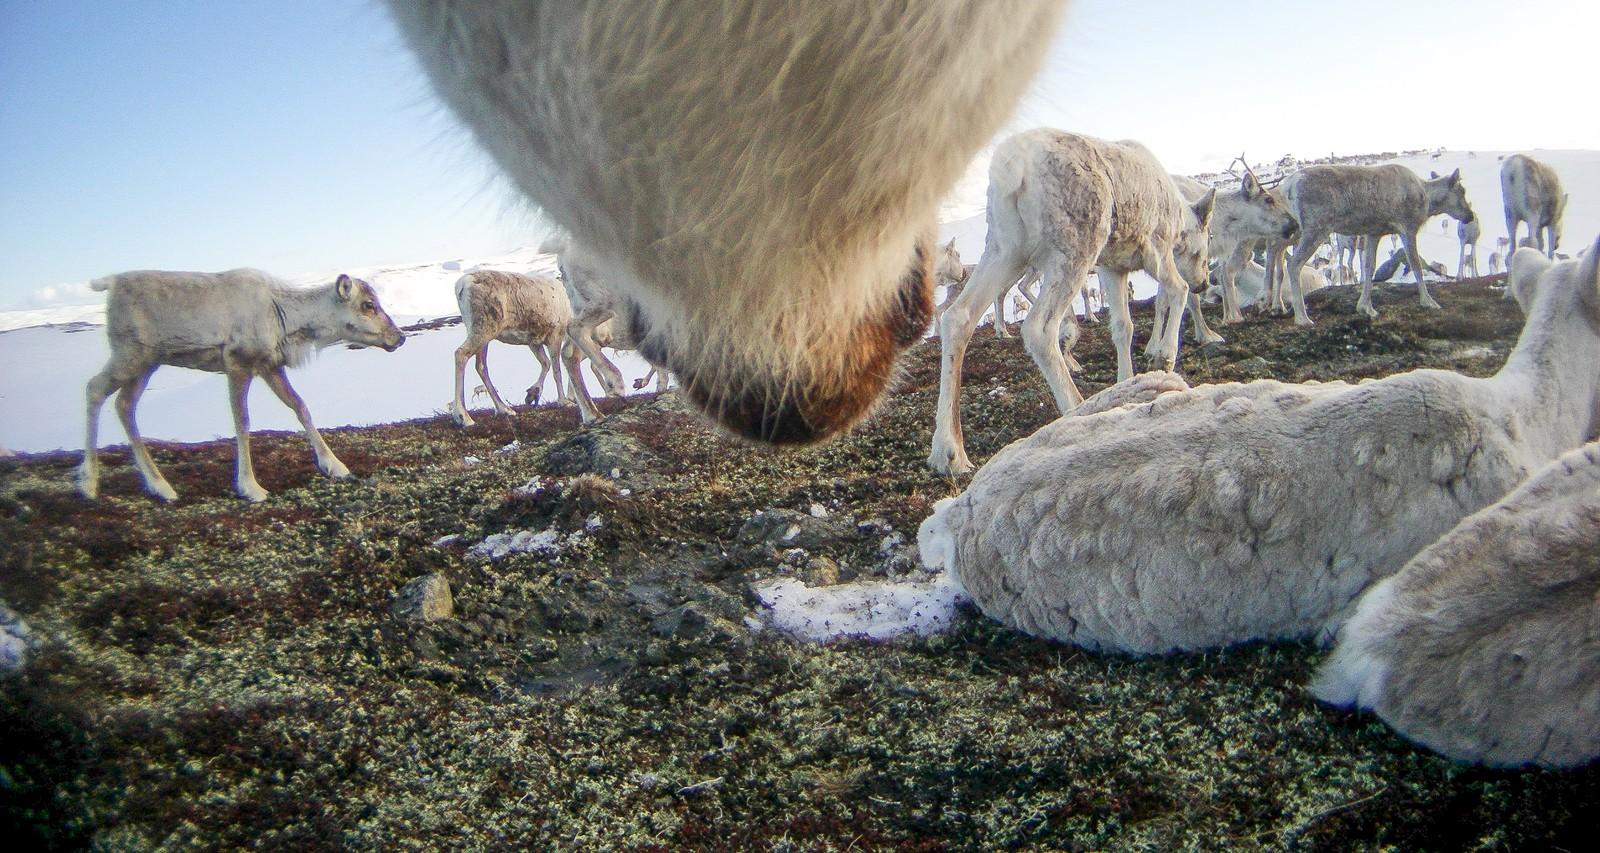 Parasitten hudbrems legger egg i villreinens pels, og etter noen dager klekkes en liten larve. Denne kryper gjennom huden og slår seg til på reinens rygg og hals, hvor den livnærer seg av å suge blod gjennom hele vinteren. Om våren ser en hudbremslarver som tydelige kuler under huden på mange av reinsdyrene — som her.